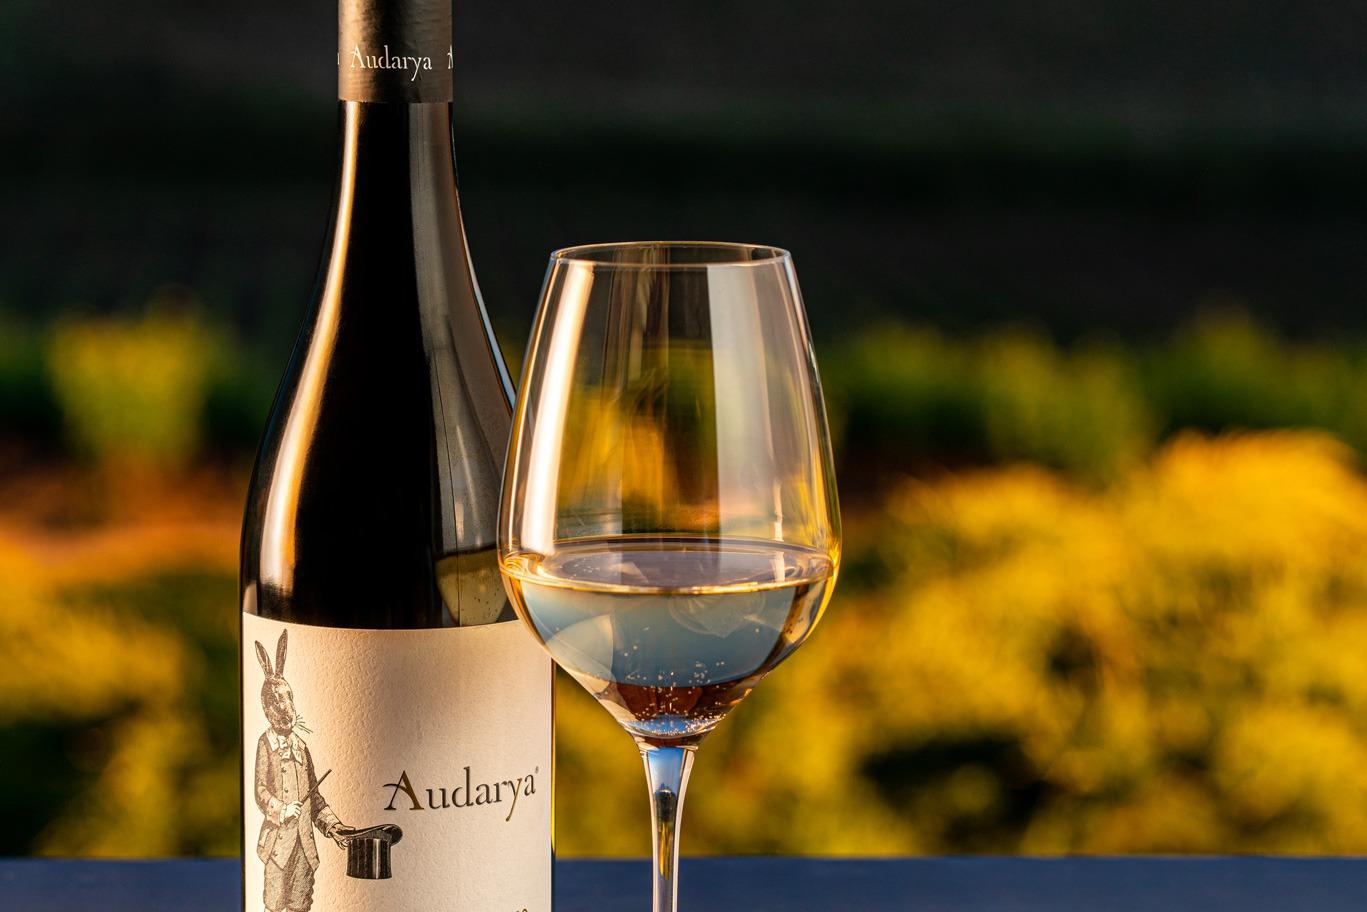 fermentino Audarya Sardegna vino bianco